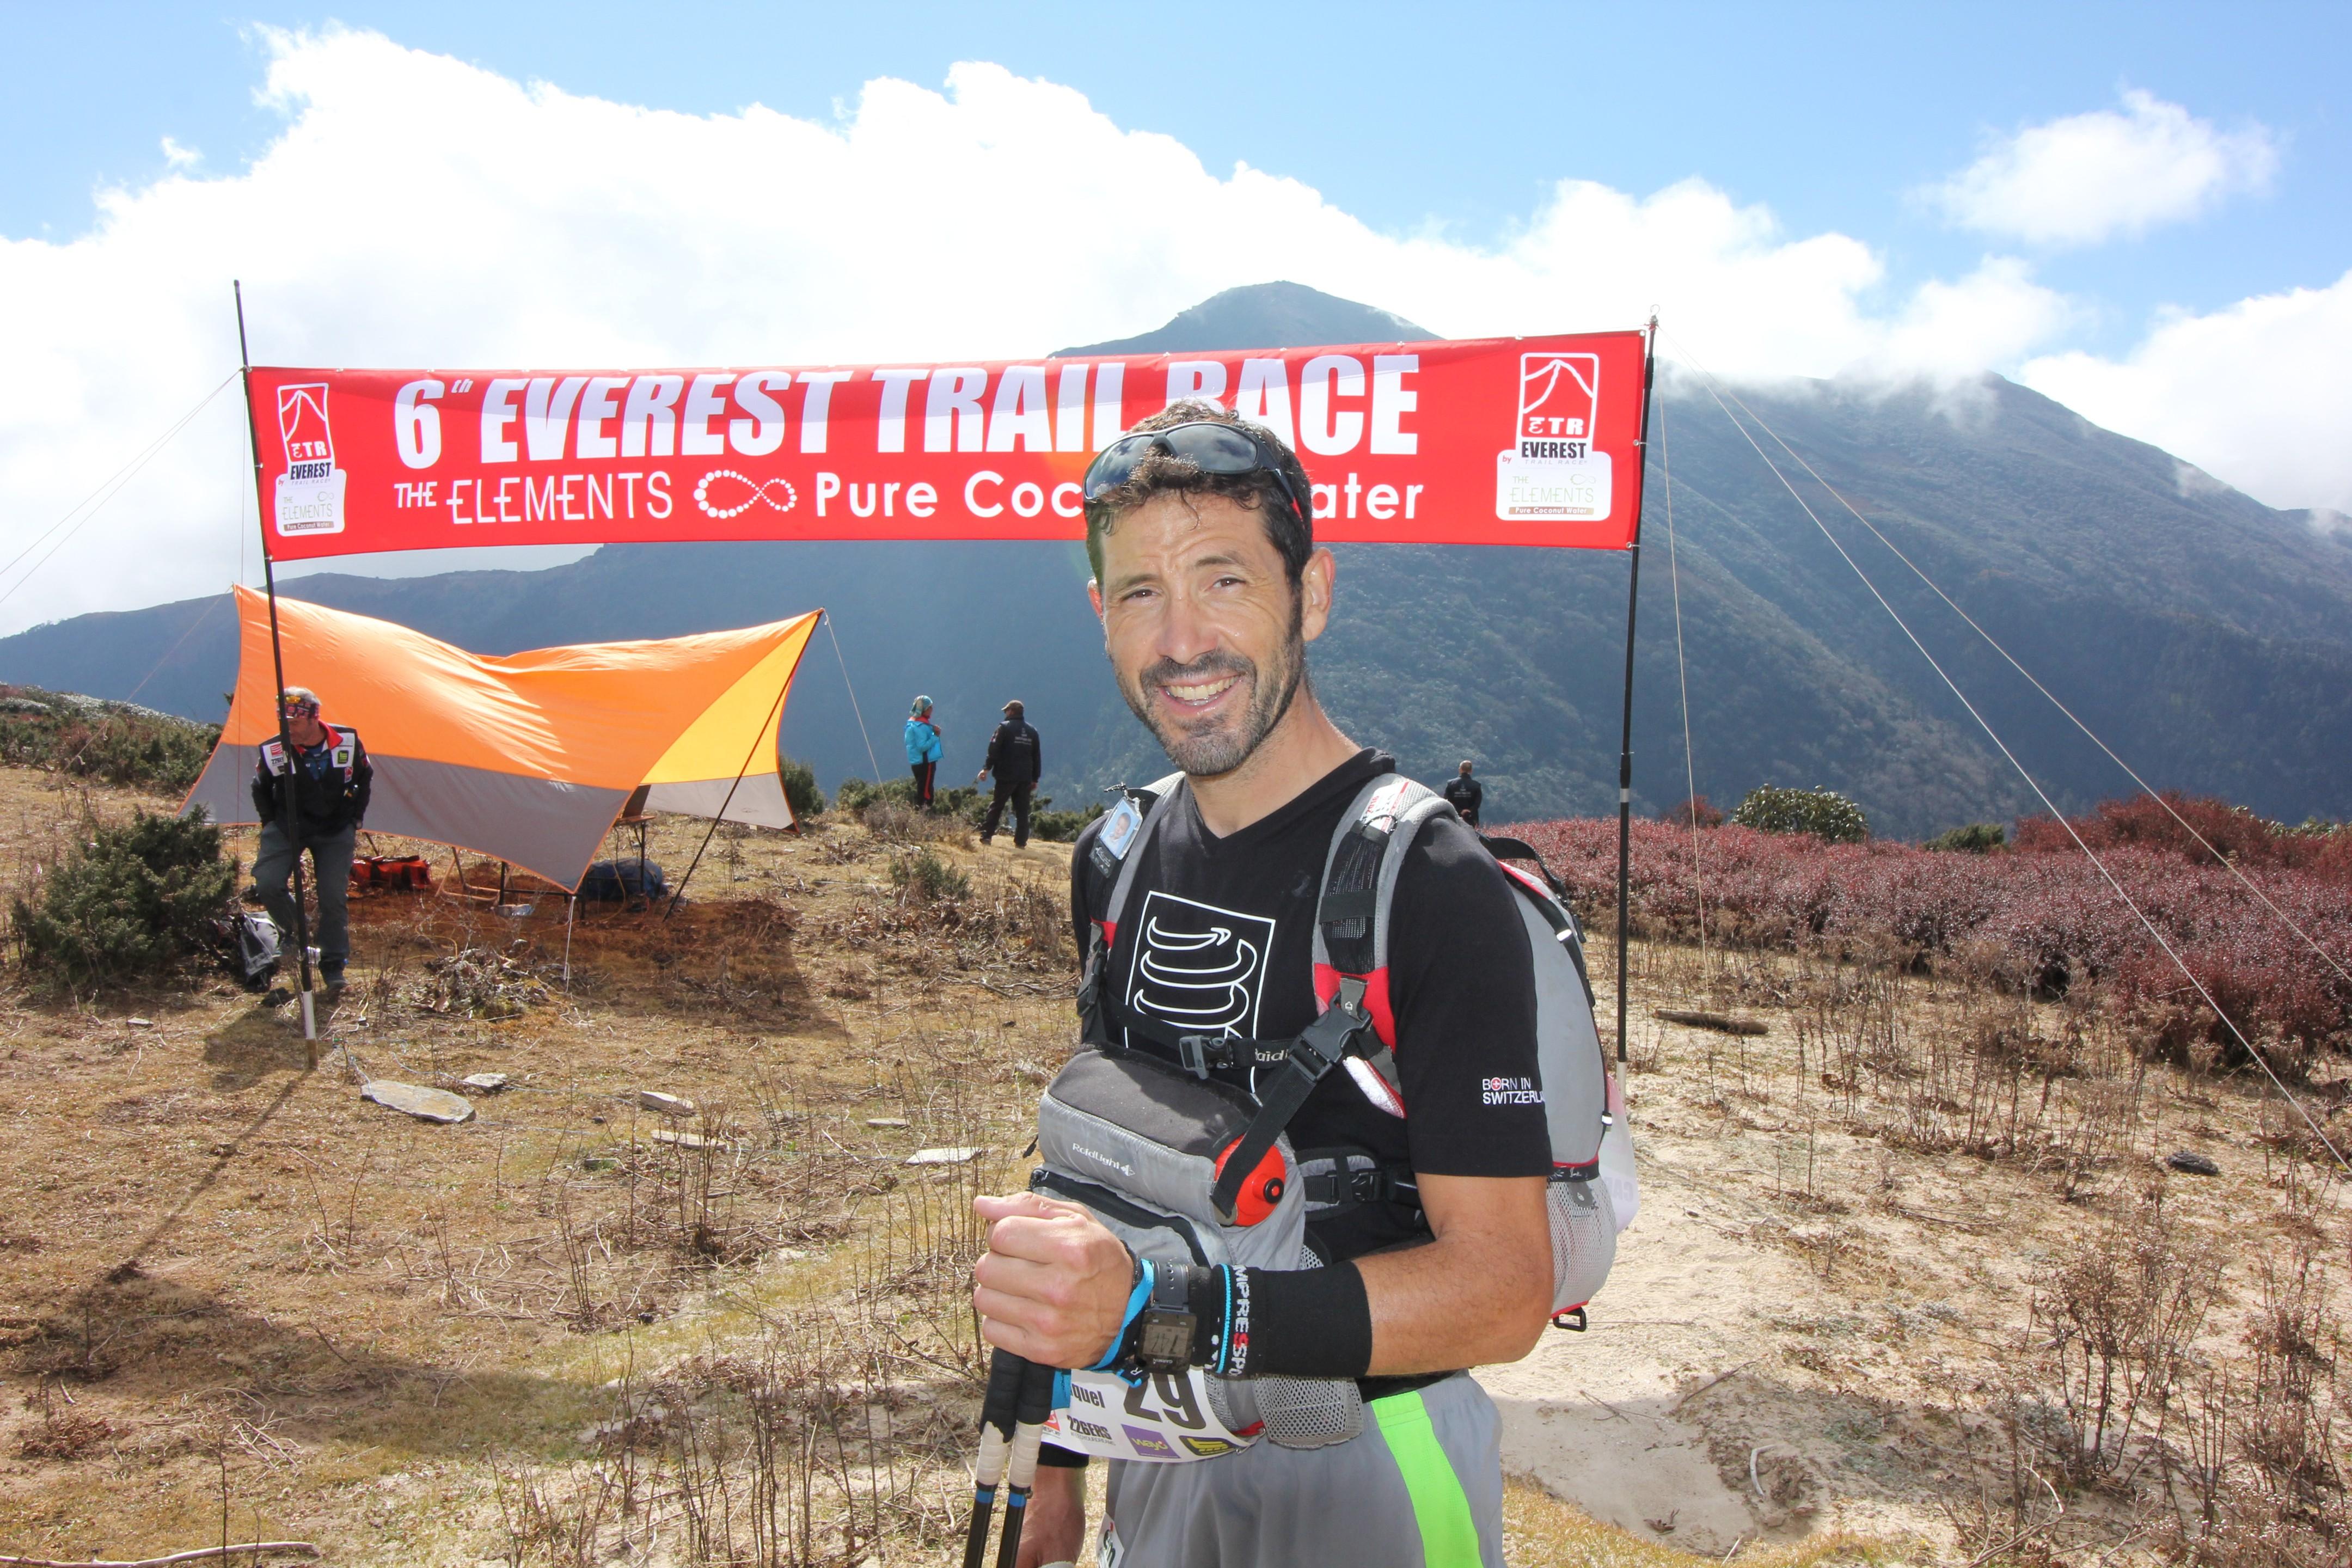 Miquel+Cap%C3%B3+%C3%A9s+segon+a+l%27Everest+Trail+Race